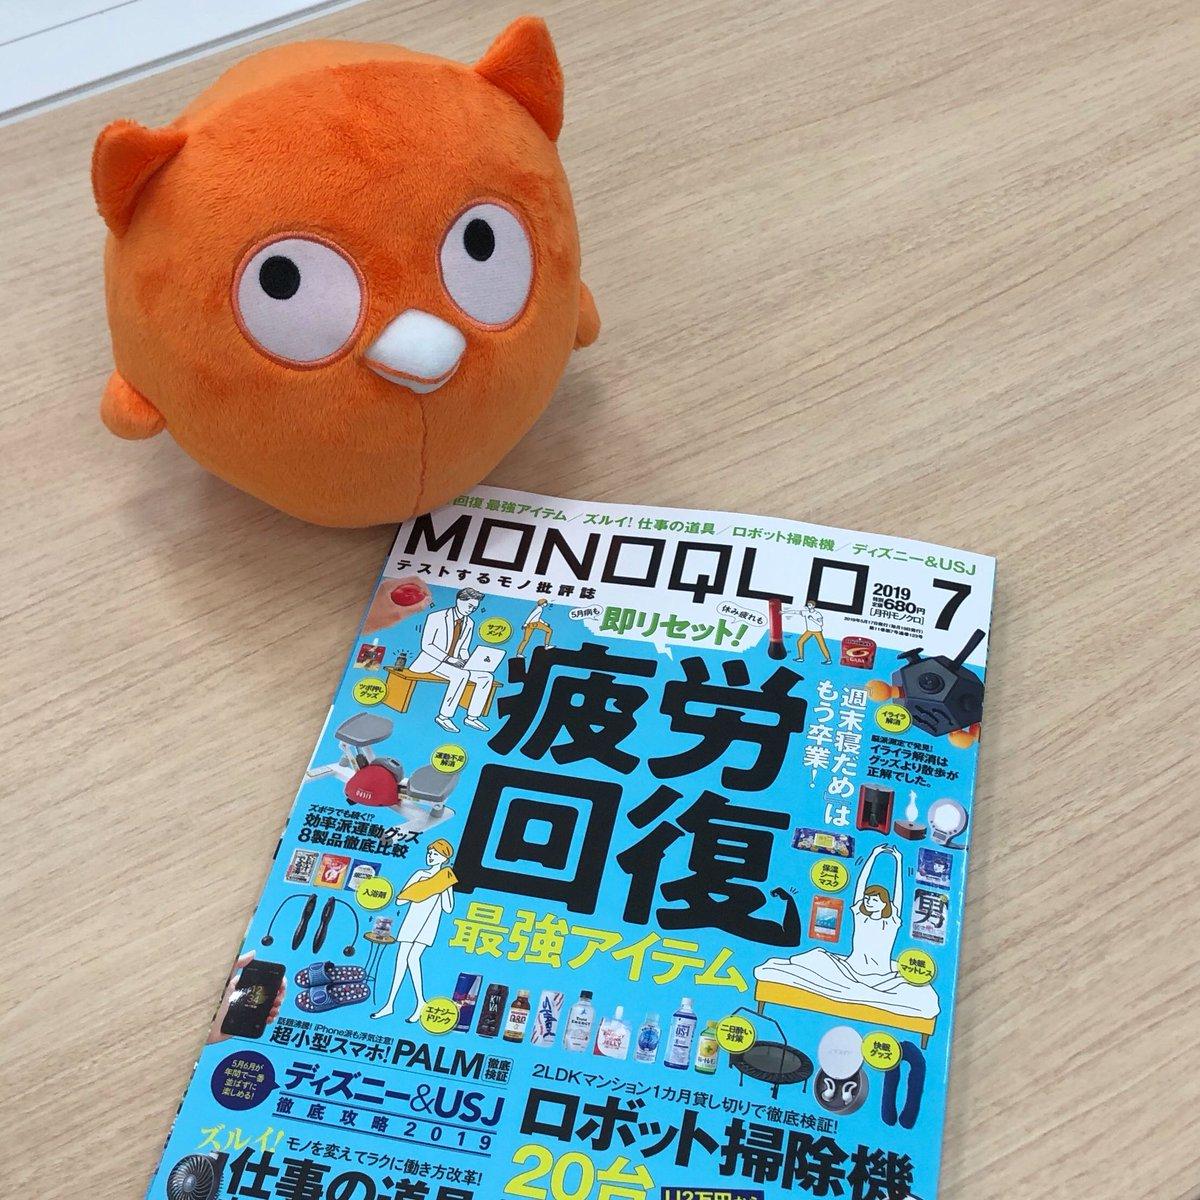 【メディア掲載のお知らせ】MONOQLO 7月号「ハイロックの未知との遭遇」コーナーで、2ページに渡りたっぷりとDMM英会話をご紹介いただました?✨ 暑くてモチベーションが下がってきた、、という方必見の内容です??ぜひご覧ください。#monoqlo #ハイロック #DMM英会話